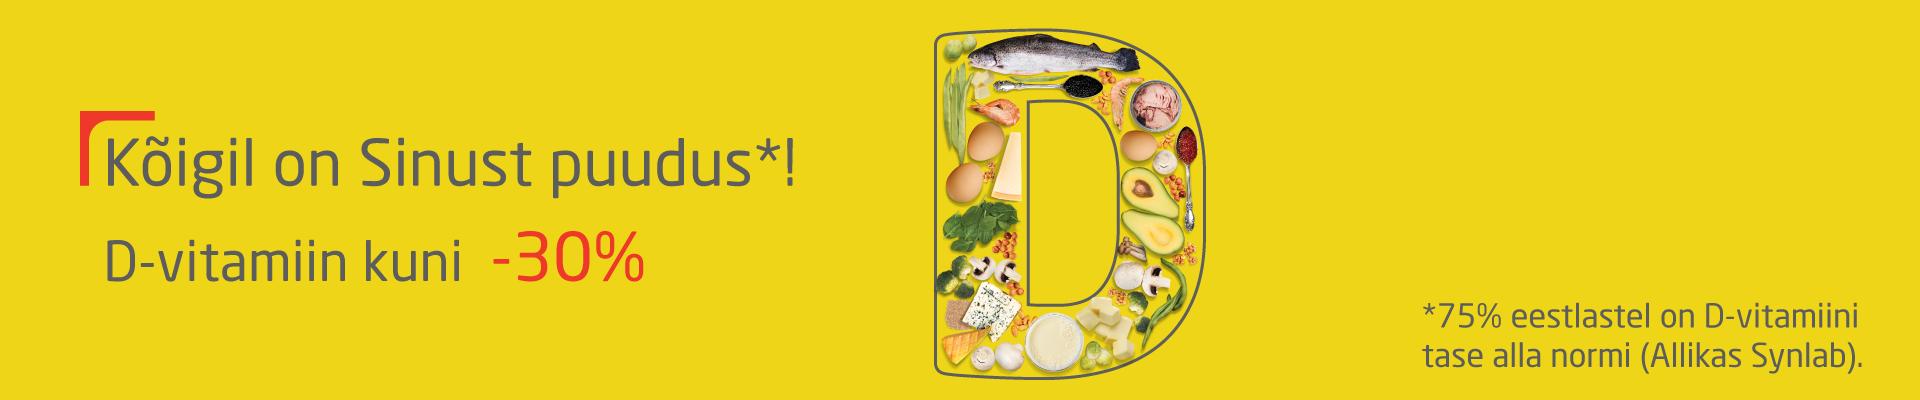 D-vitamiin kuni -30%!